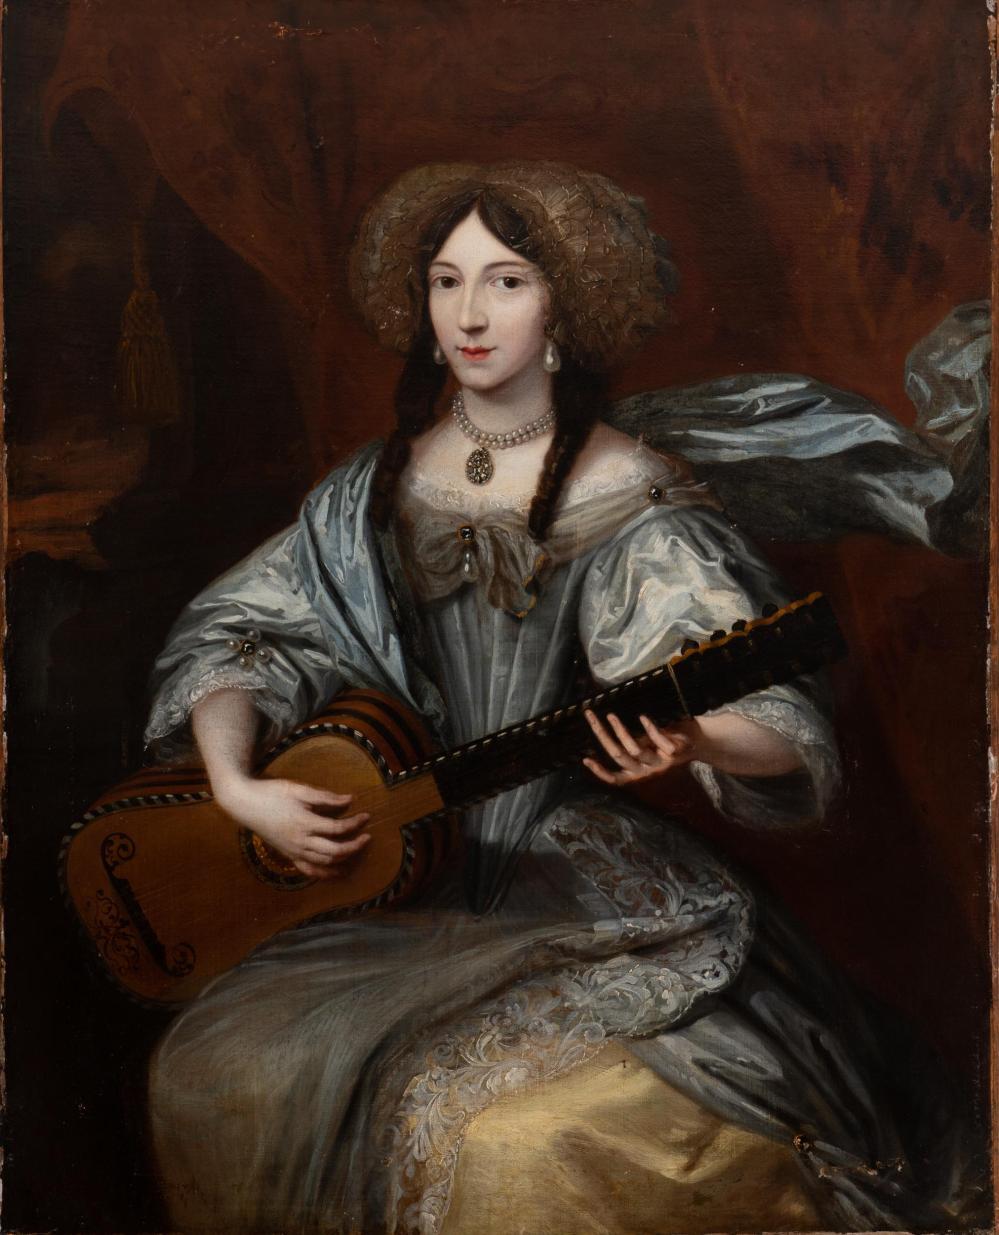 Anónimo. Retrato de dama. Siglo XVII. Colección particular.